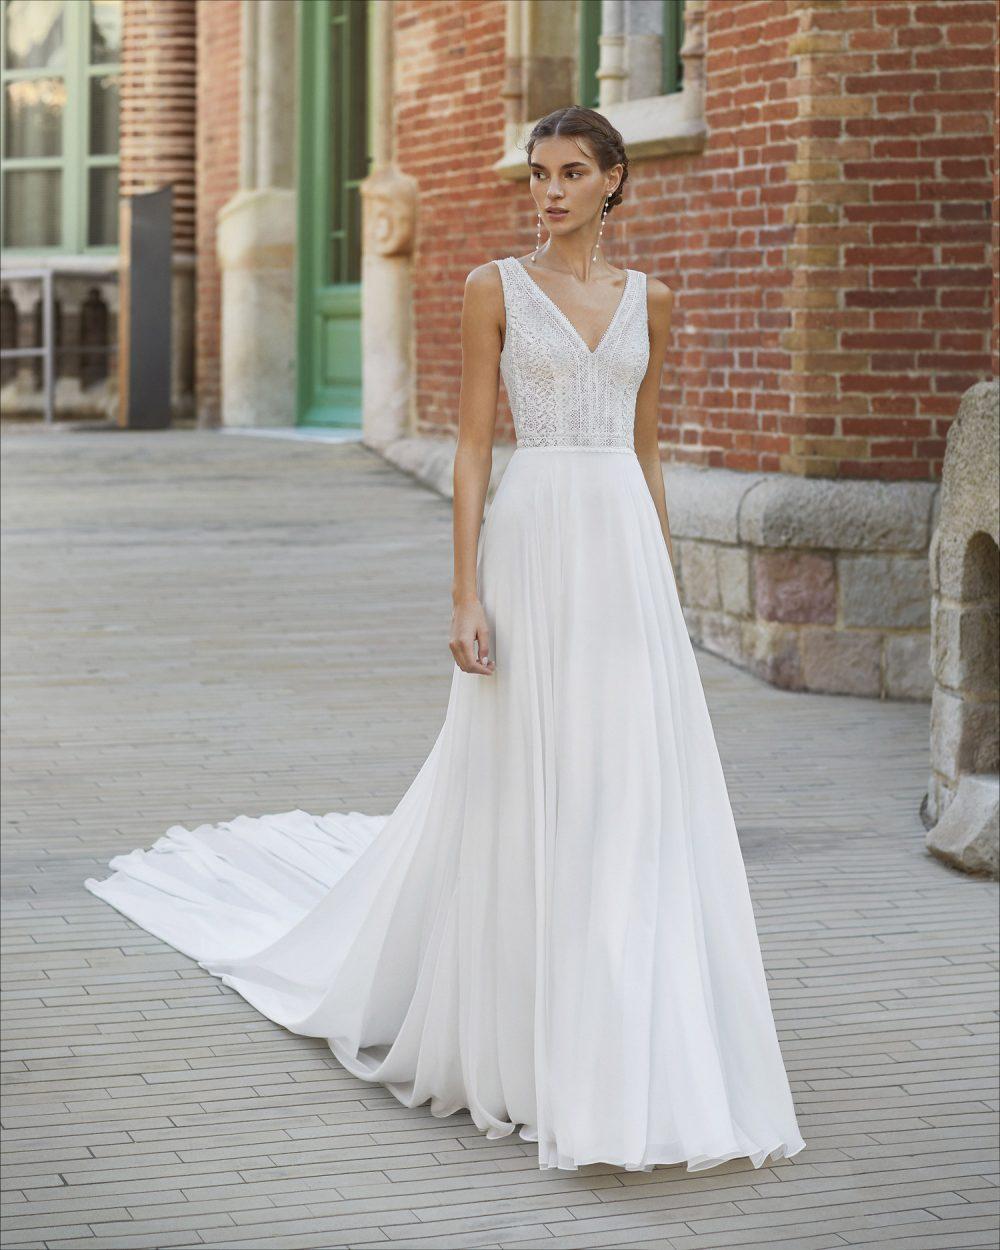 Mariages: abito da sposa Rosa Clarà 2021 a Vicenza, Verona, Padova, Veneto 5S202 YADIEL